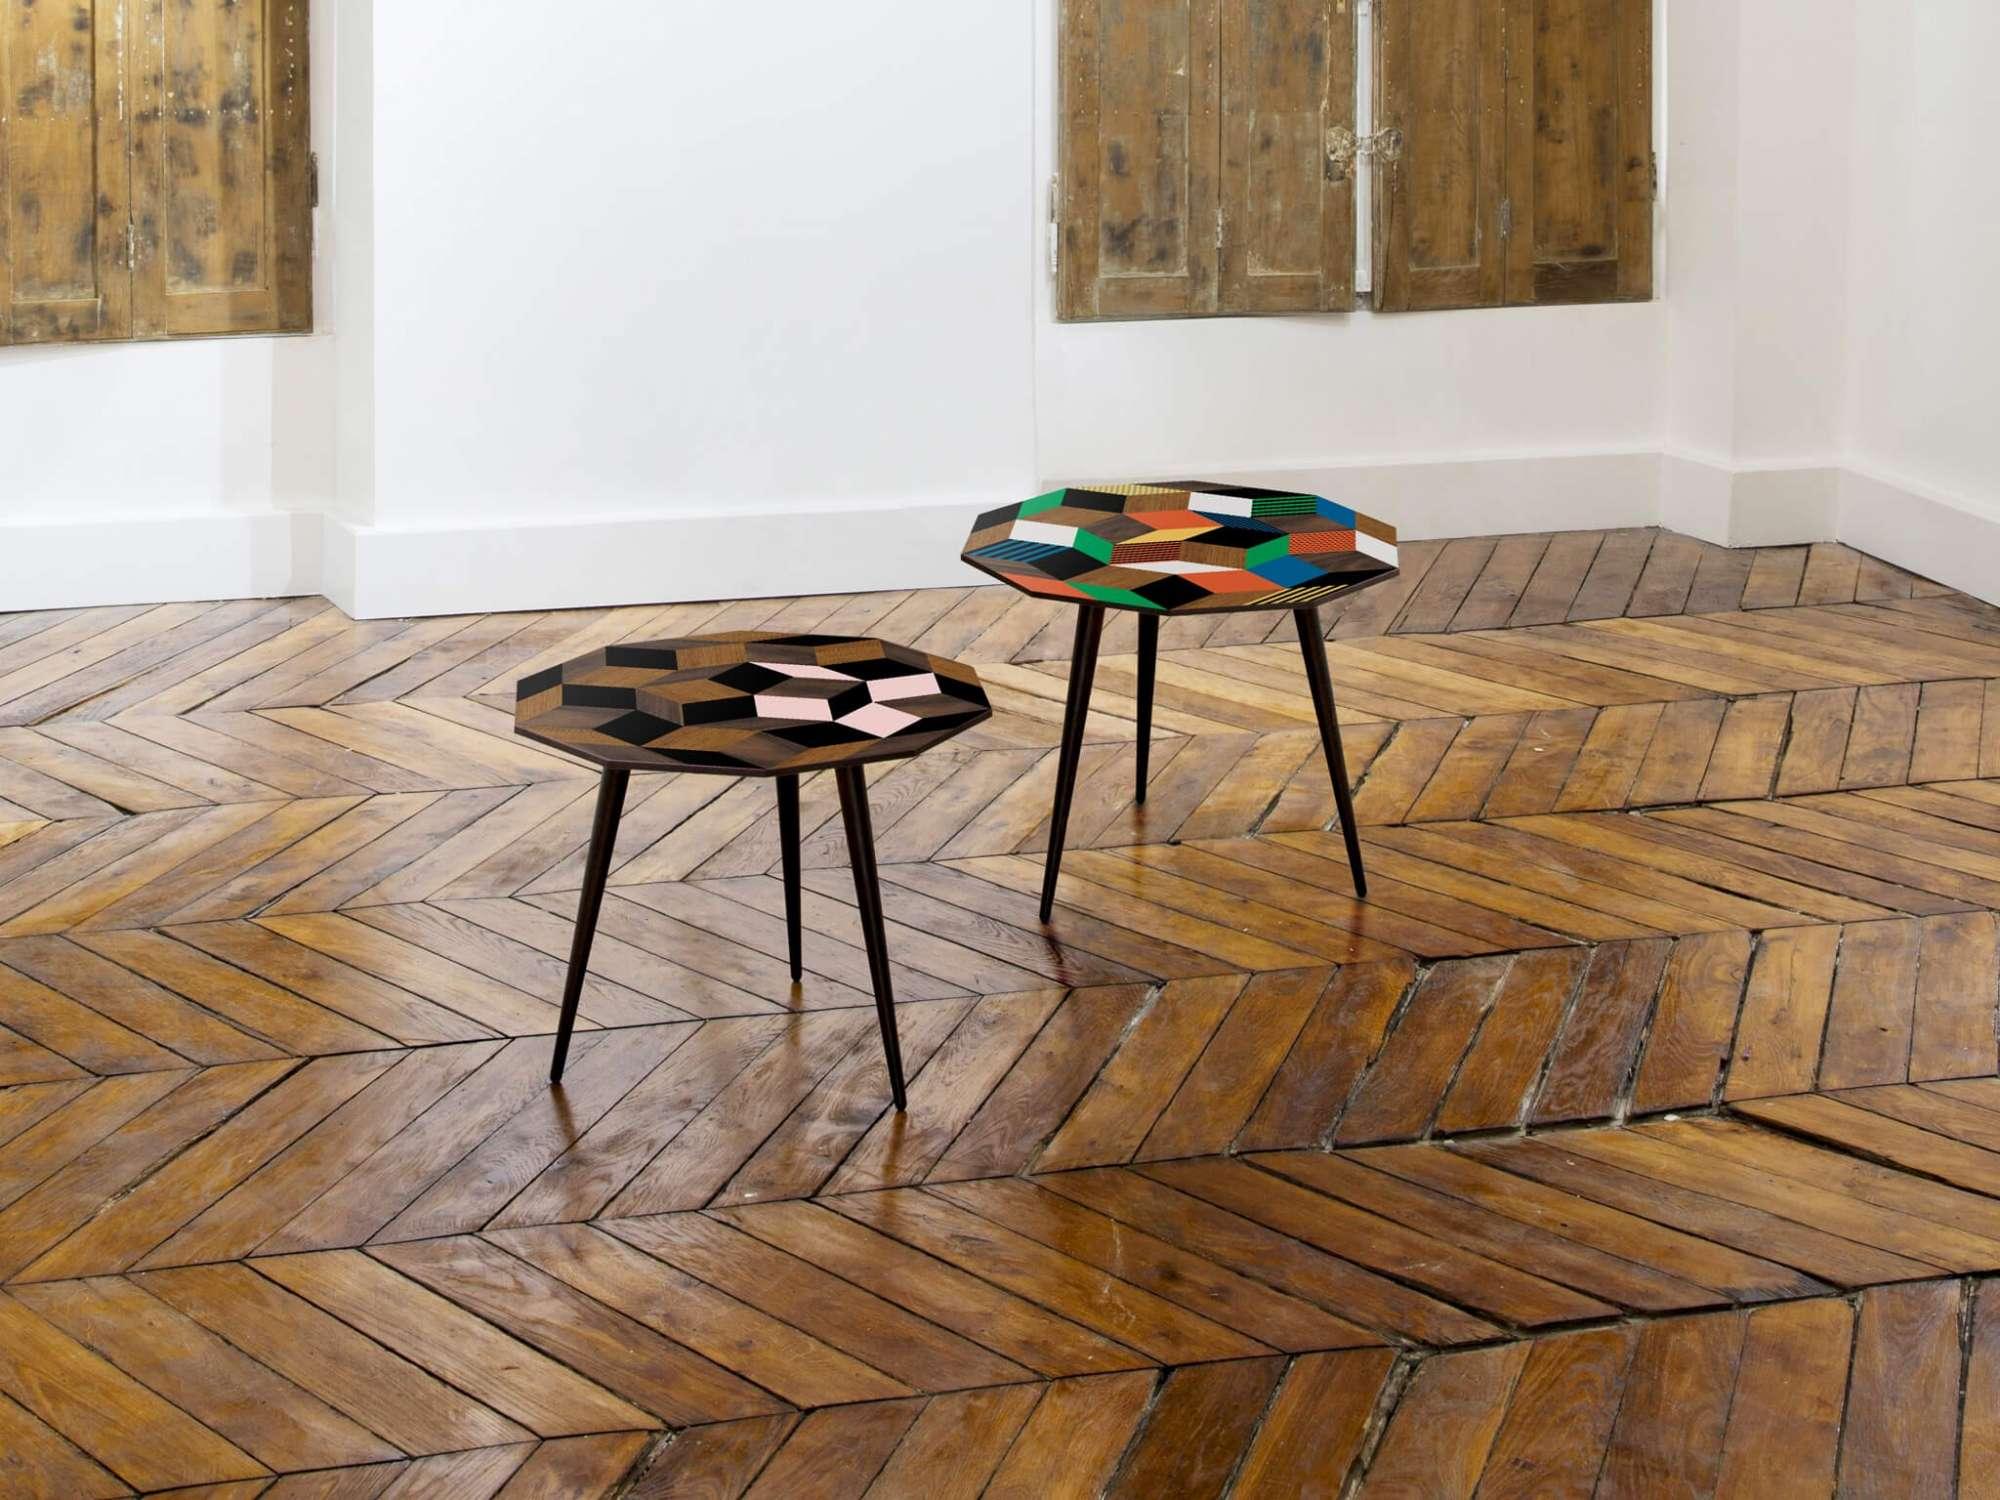 Les tables spring wood et crazy wood en photo dans la galerie Jospeh à paris. Motifs géométriques, design ichetkar.